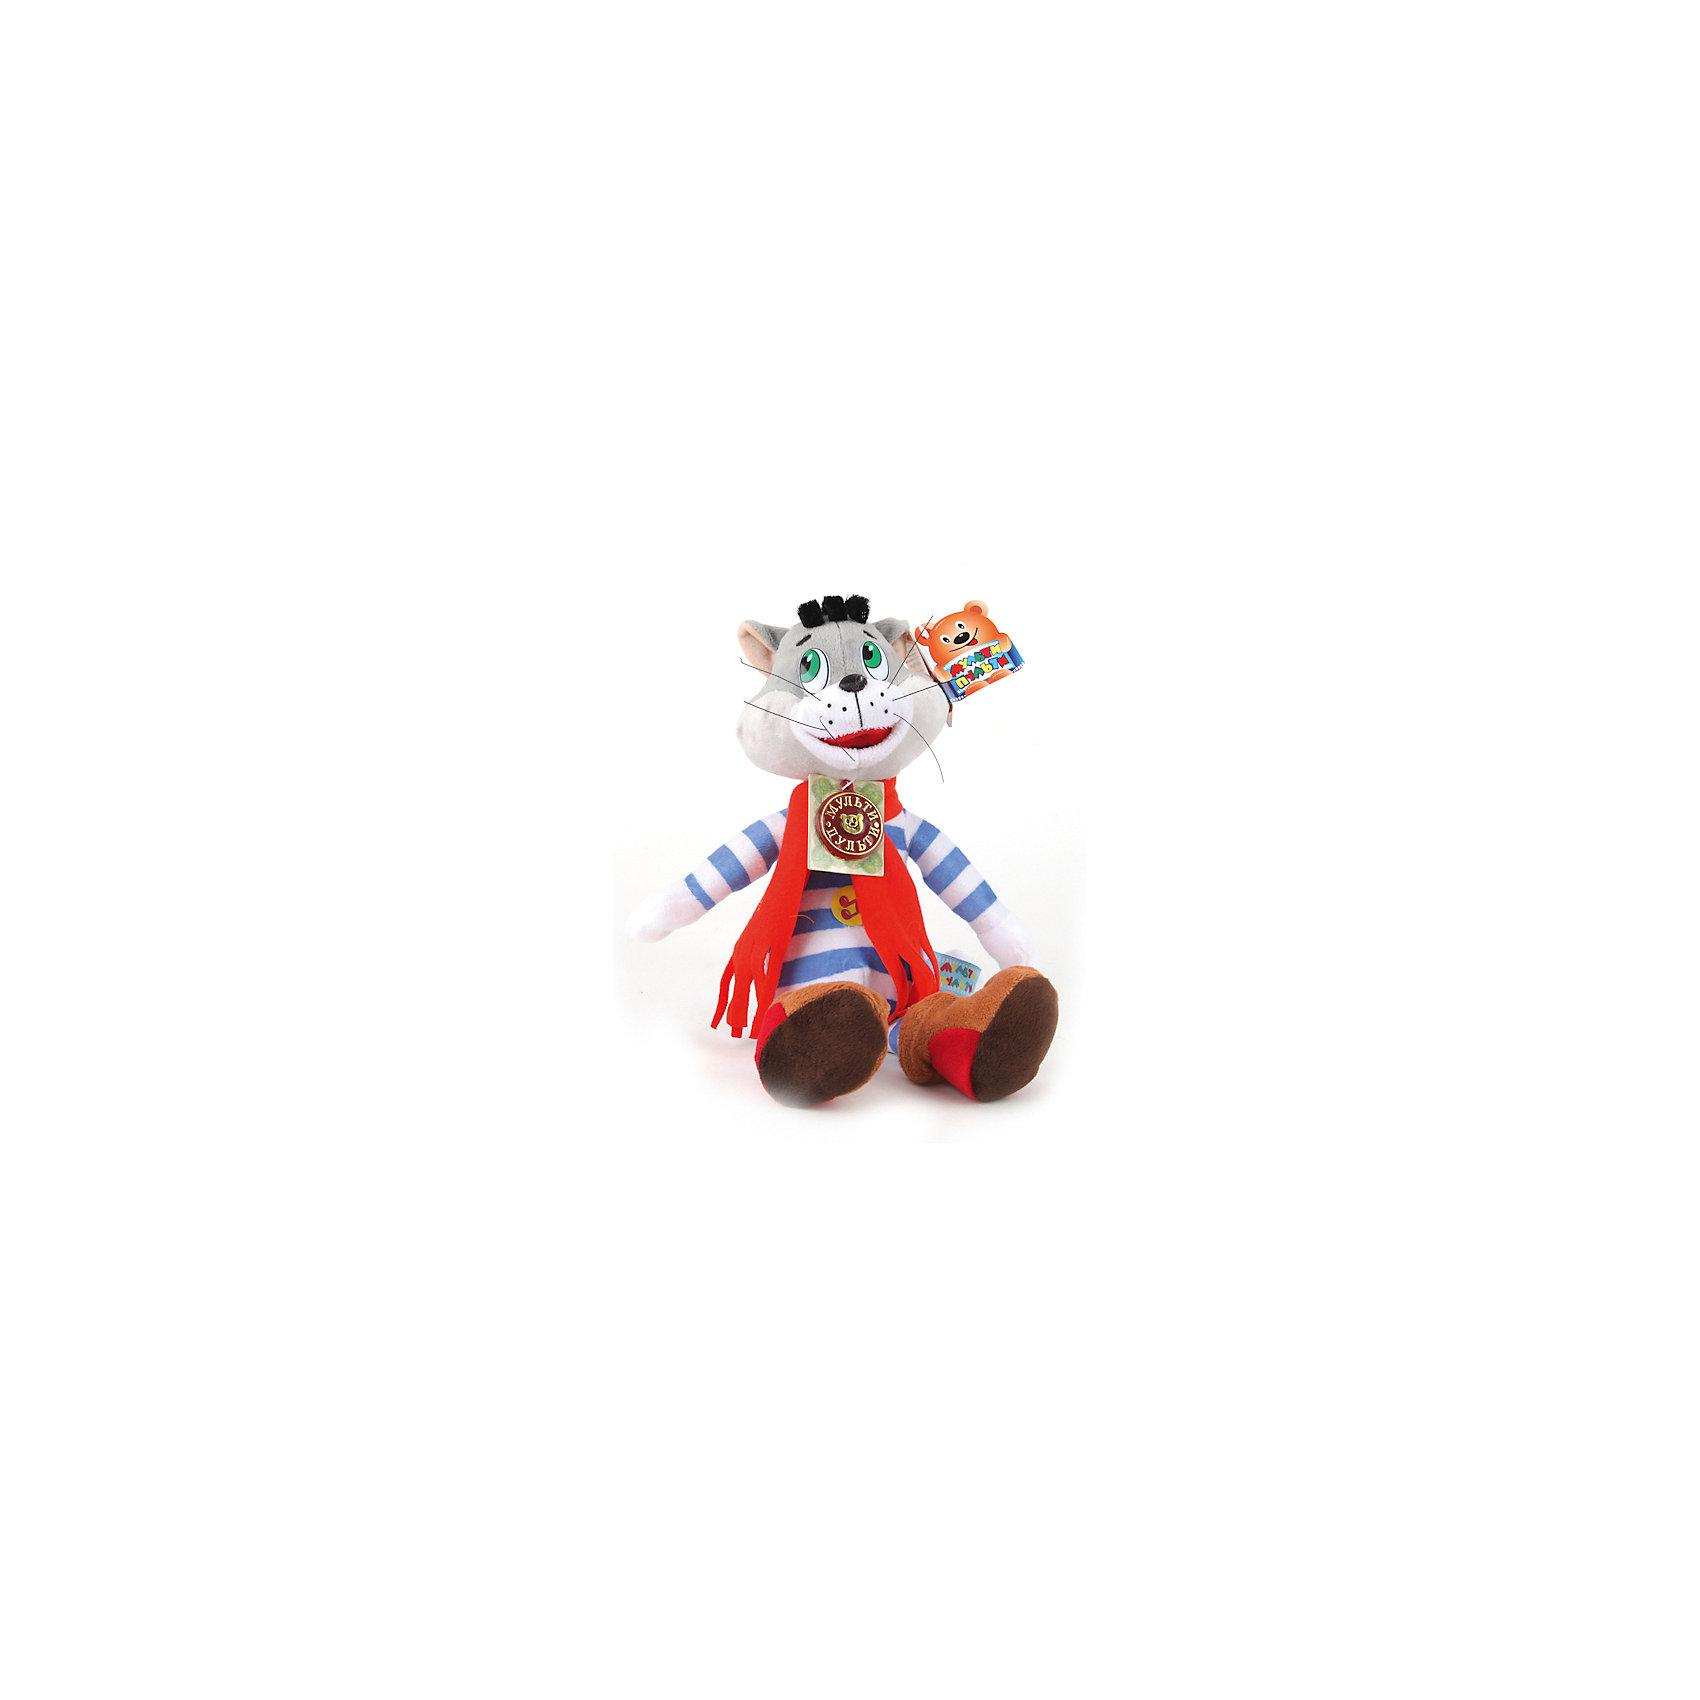 МУЛЬТИ-ПУЛЬТИ Мягкая игрушка  Матроскин, со звуком, Трое из Простоквашино, МУЛЬТИ-ПУЛЬТИ мульти пульти мягкая игрушка серый мышонок 23 см со звуком кот леопольд мульти пульти